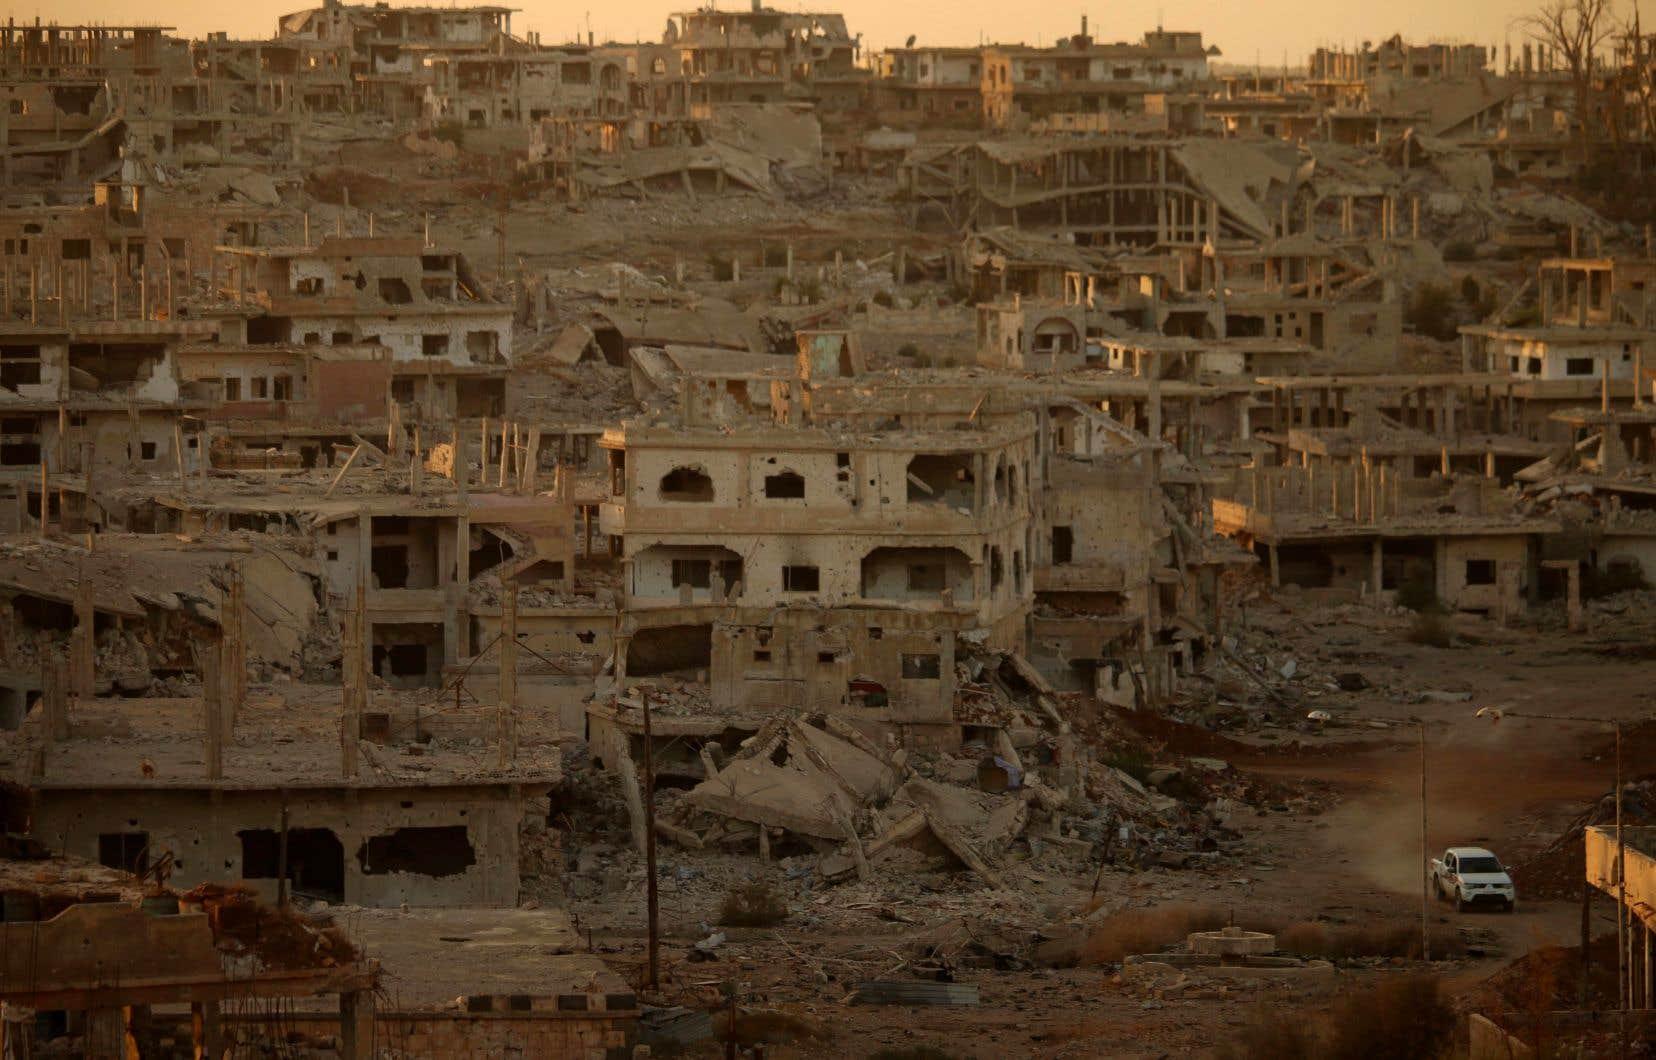 Un camion sillonne les rues dévastées d'un quartier rebelle de Daraa, une ville dans le sud de la Syrie, le 16 novembre dernier.